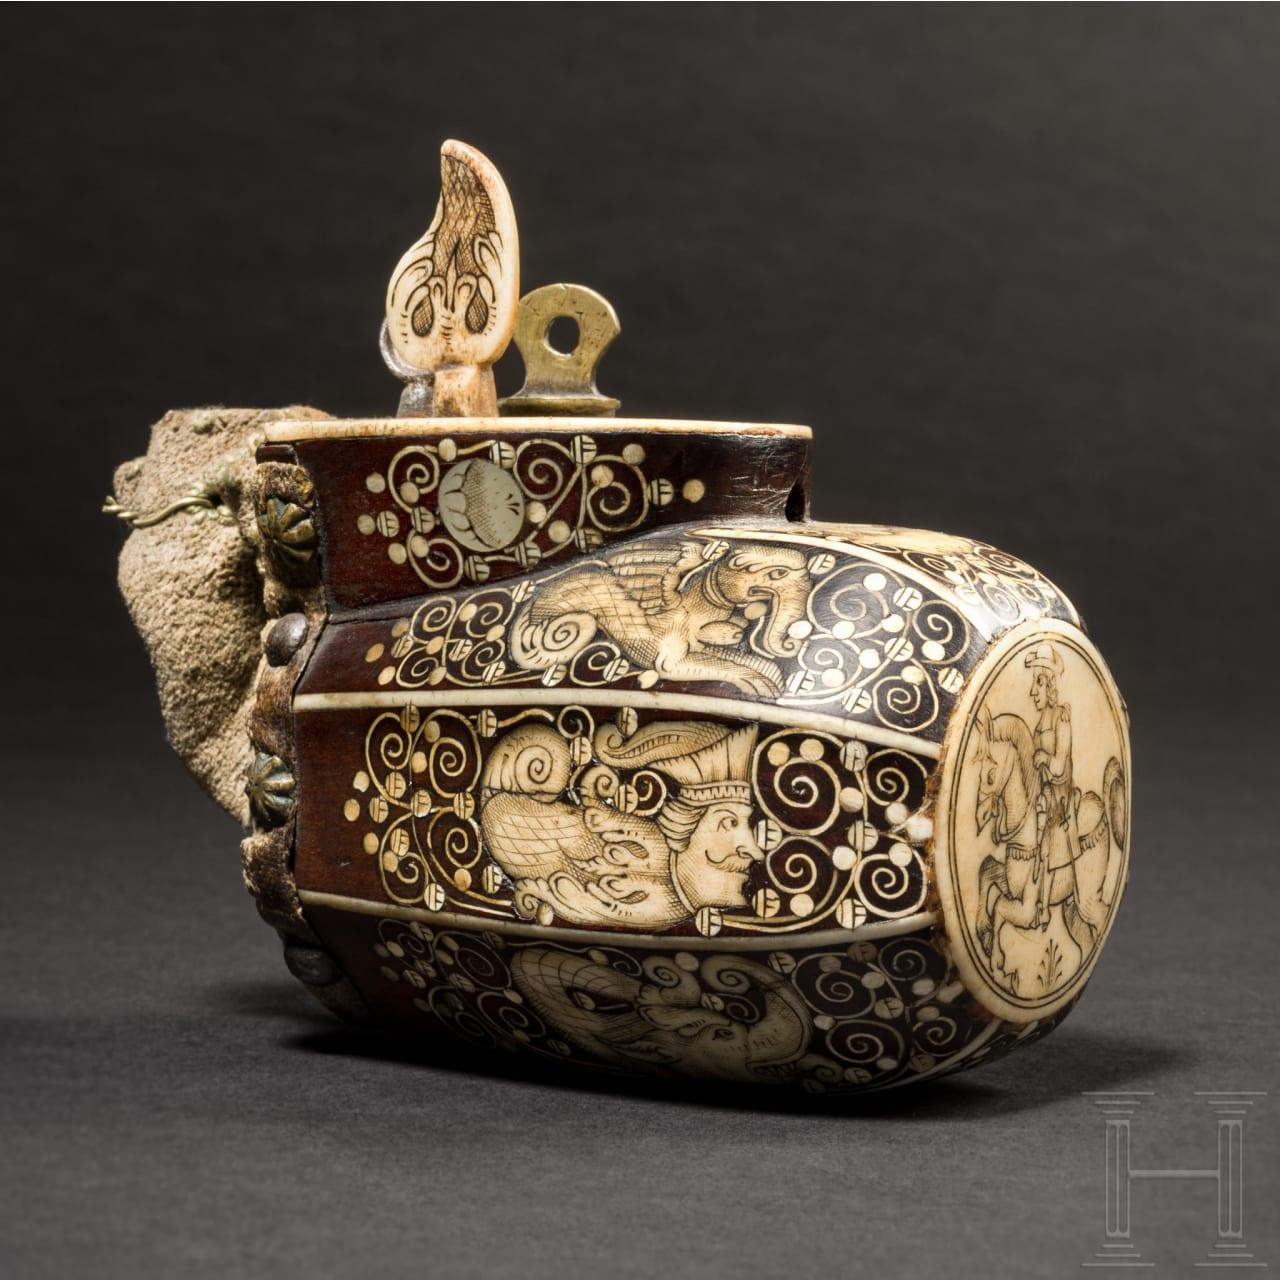 Fein verbeinte Pulverflasche für Teschinken, Teschen, um 1660